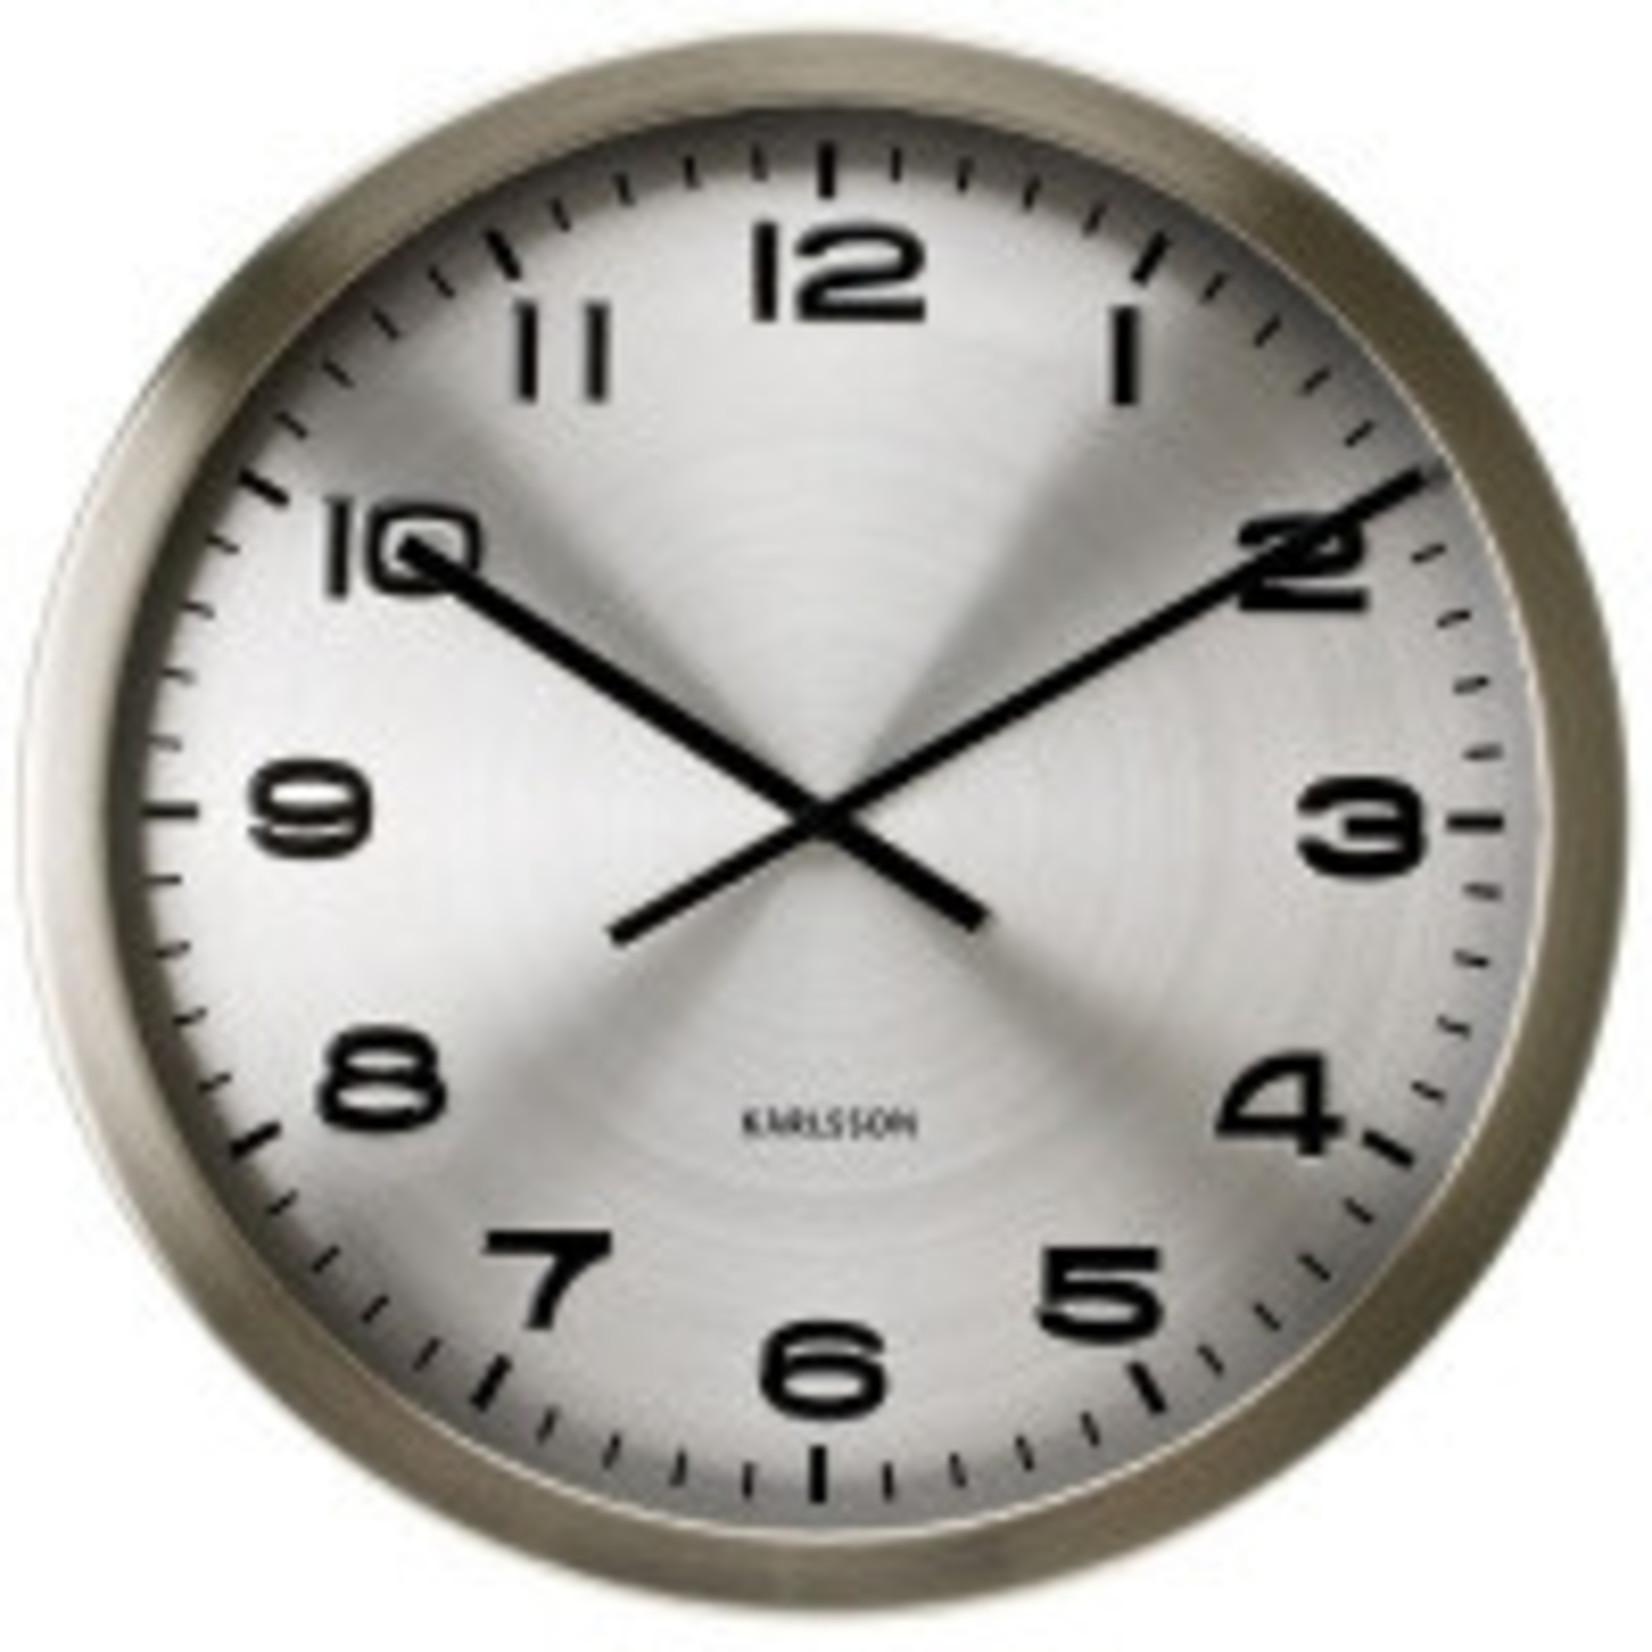 Karlsson Moderne klok met aluminium wijzerplaat.Doorsnee 50cm. U